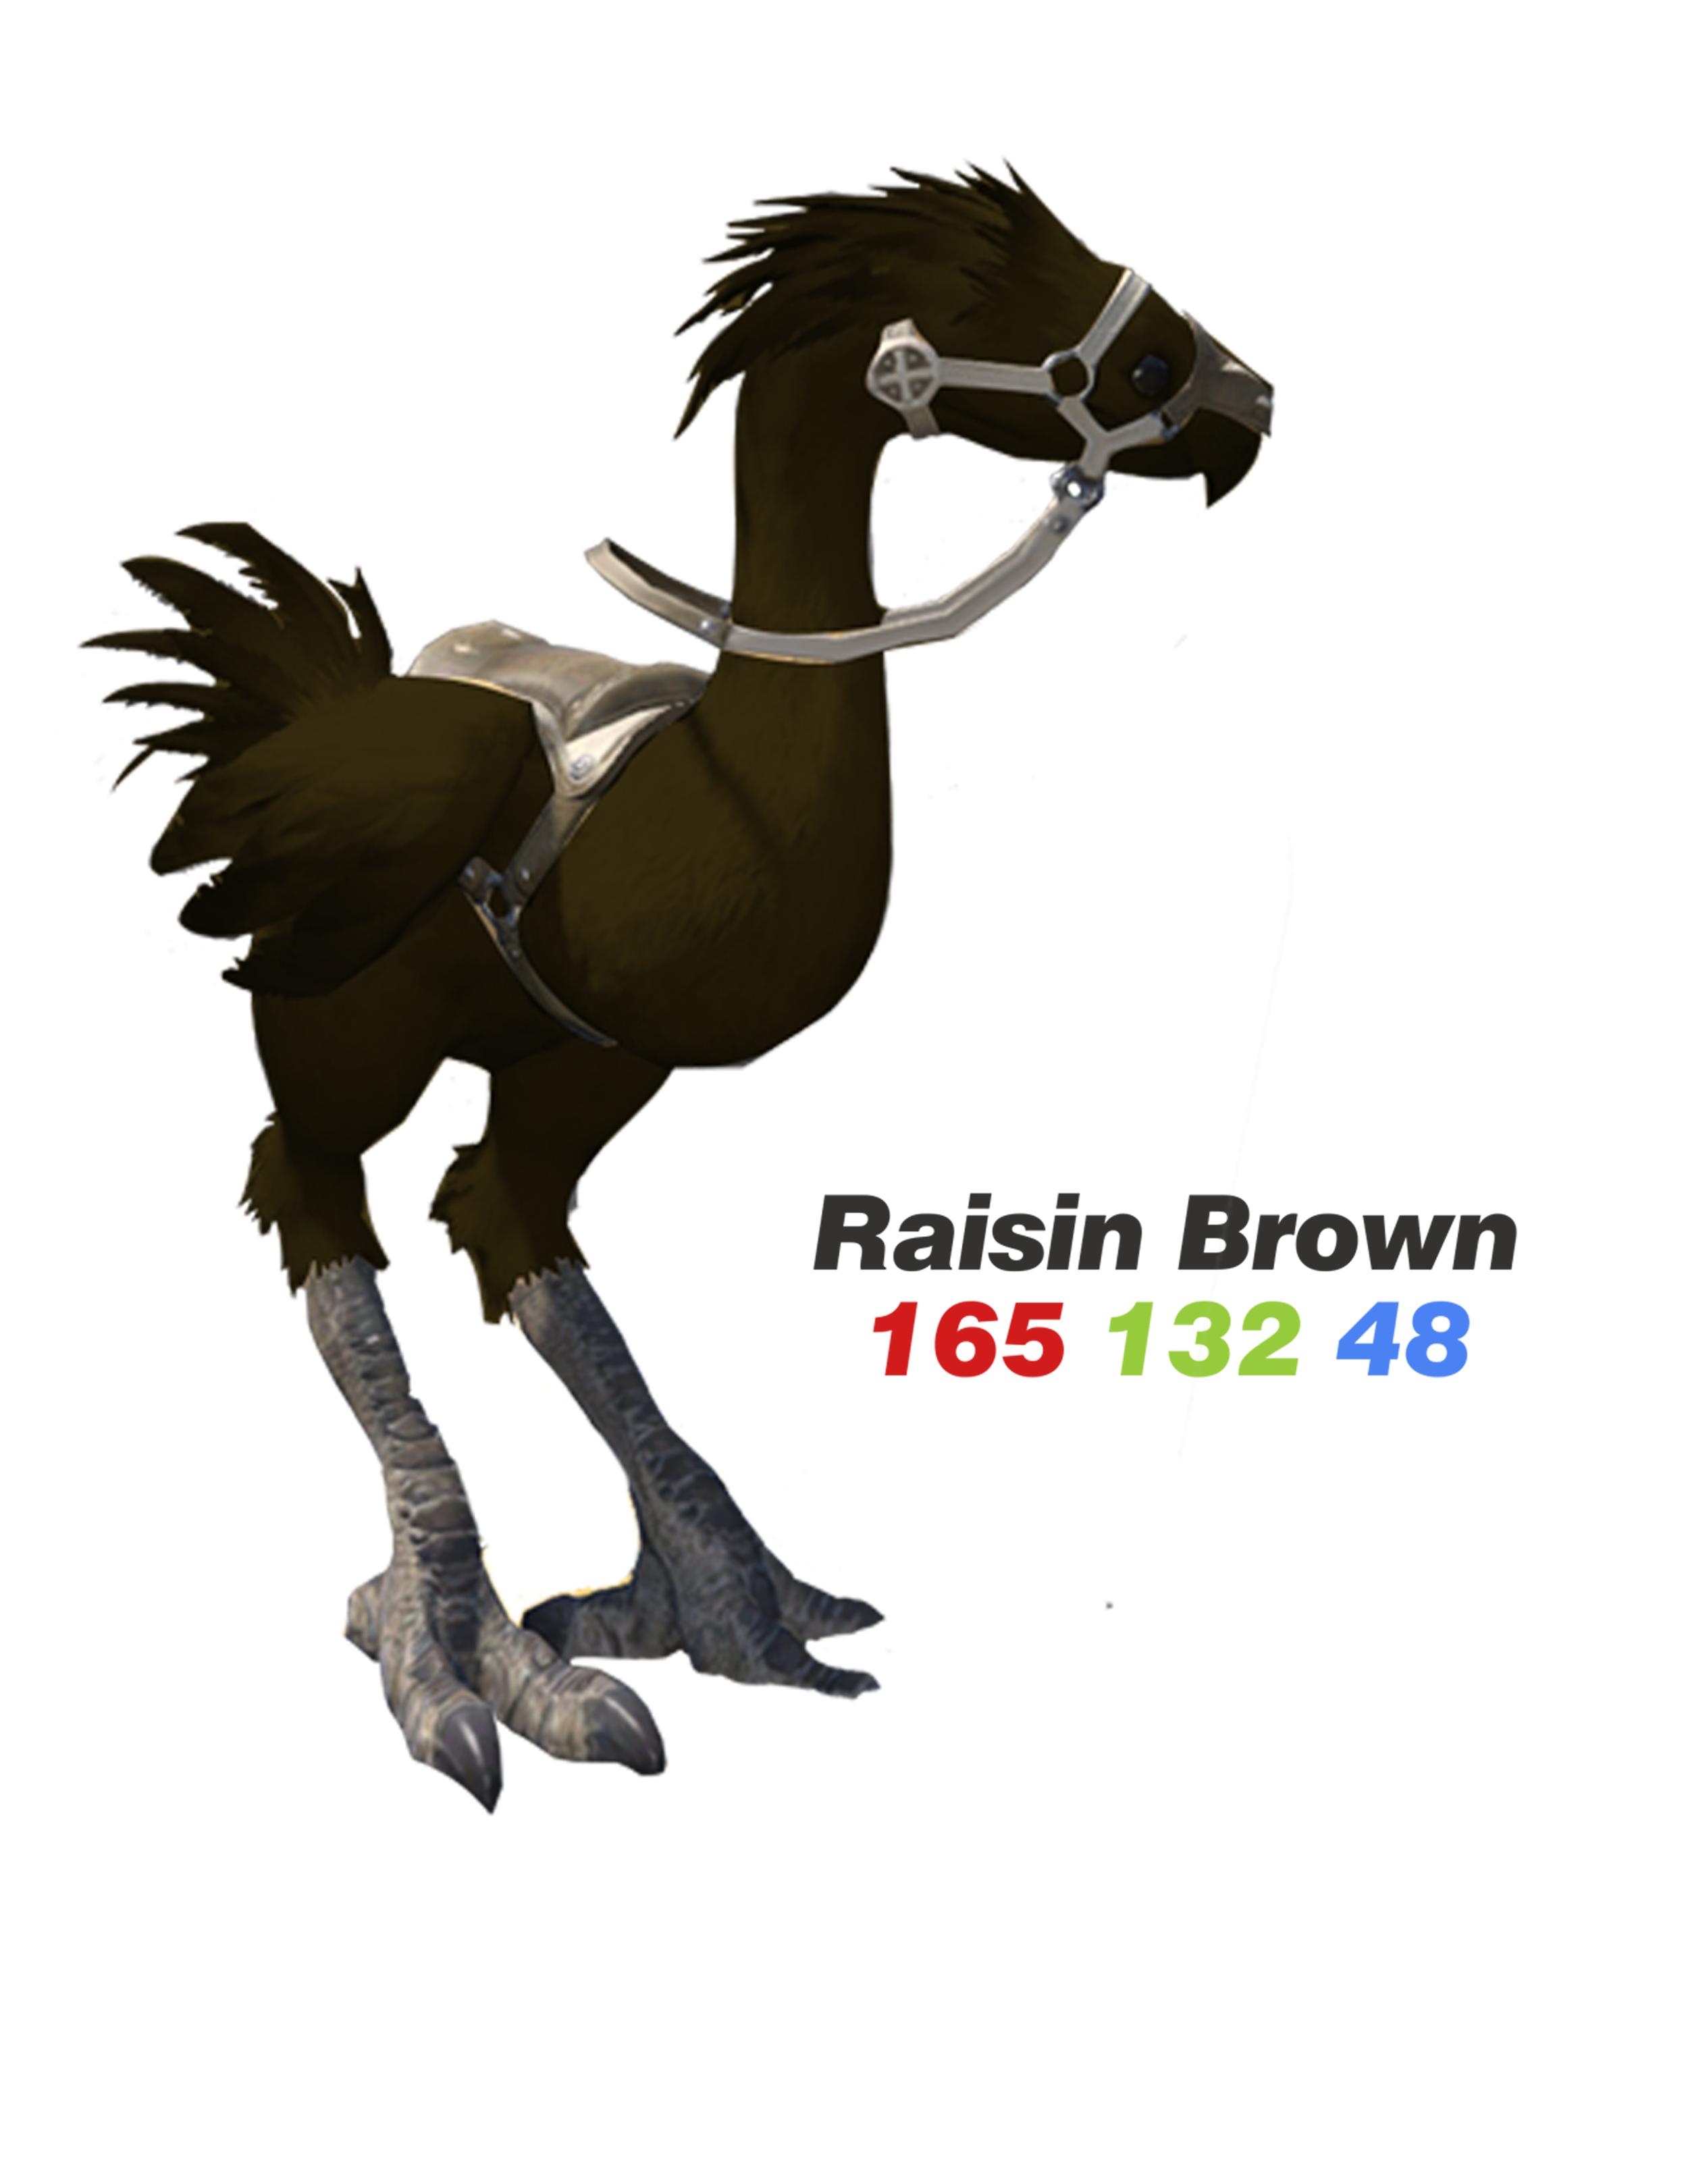 RaisinBrown.png